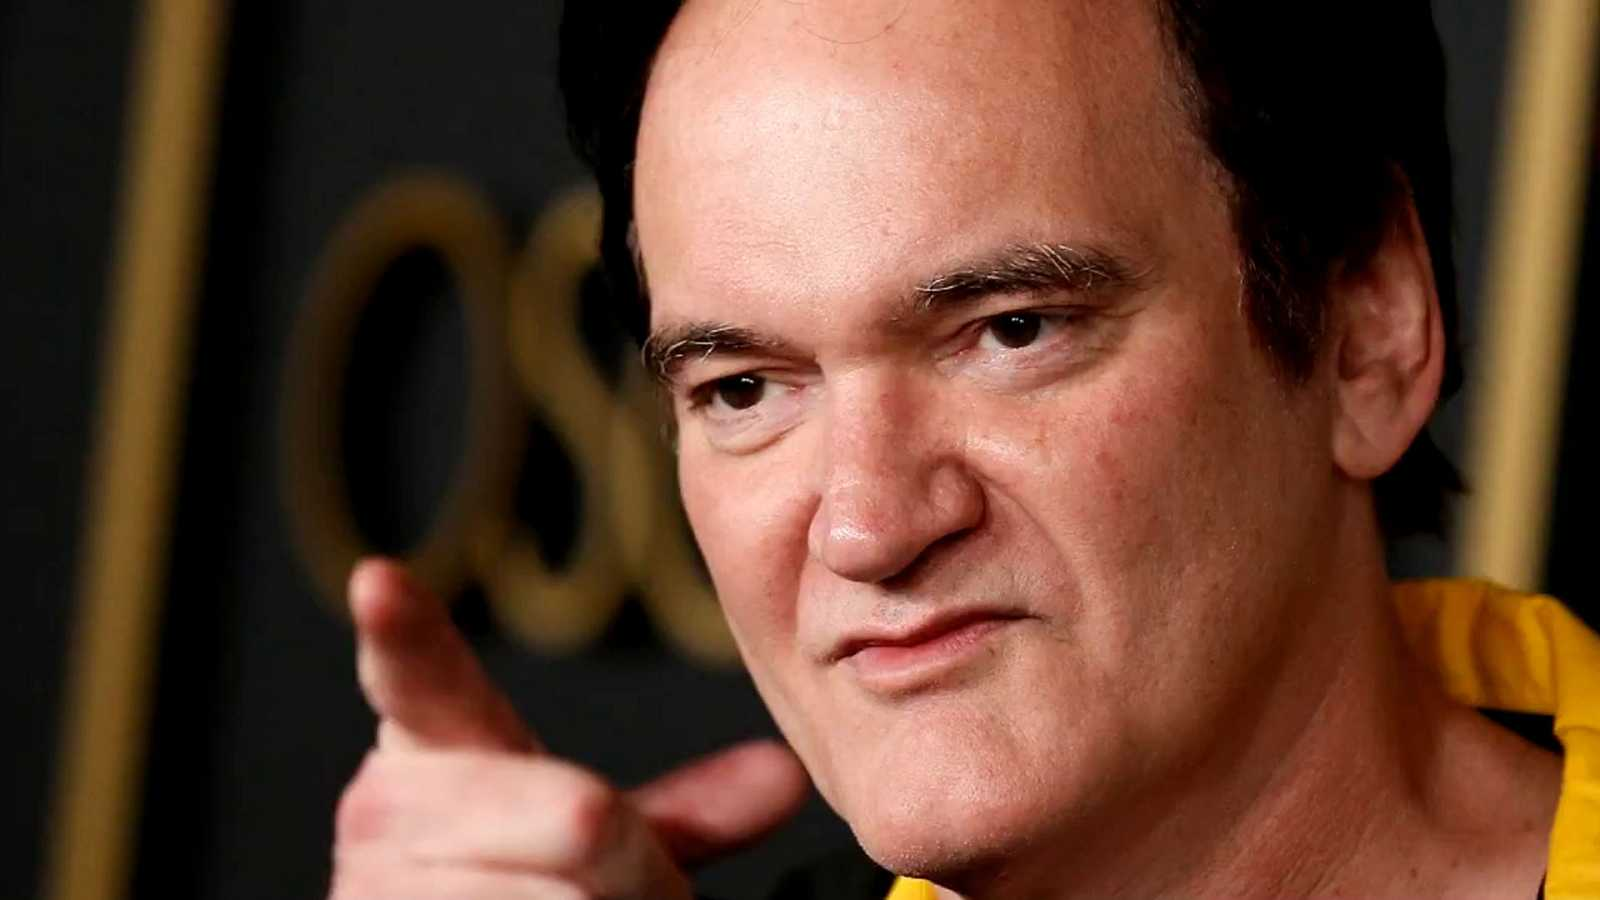 El ojo crítico - Tarantino charlará con Laura Barrachina en RNE - Ver ahora